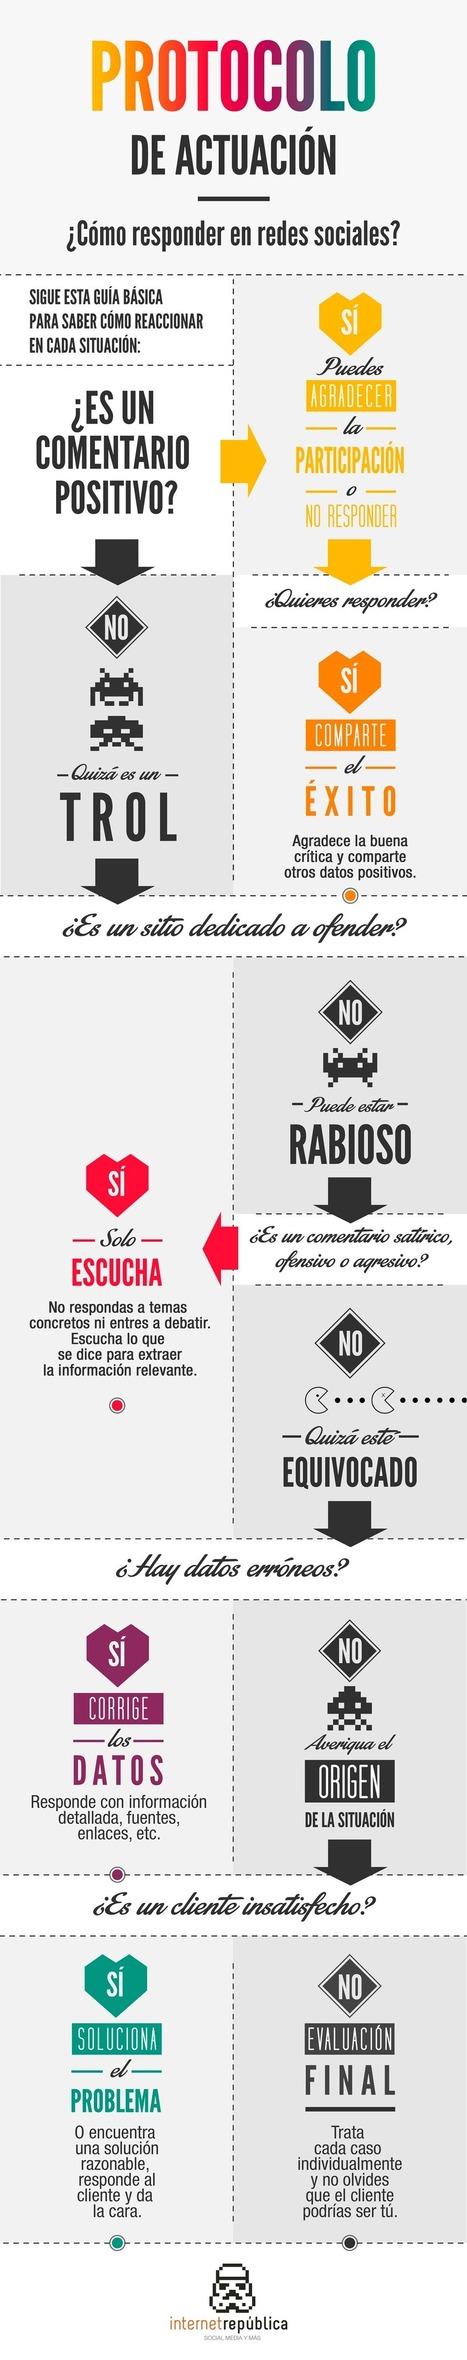 Guía básica de respuesta en redes sociales #infografia #infographic #marketing #socialmedia | Social Media Marketing y Nuevas Tecnologías | Scoop.it